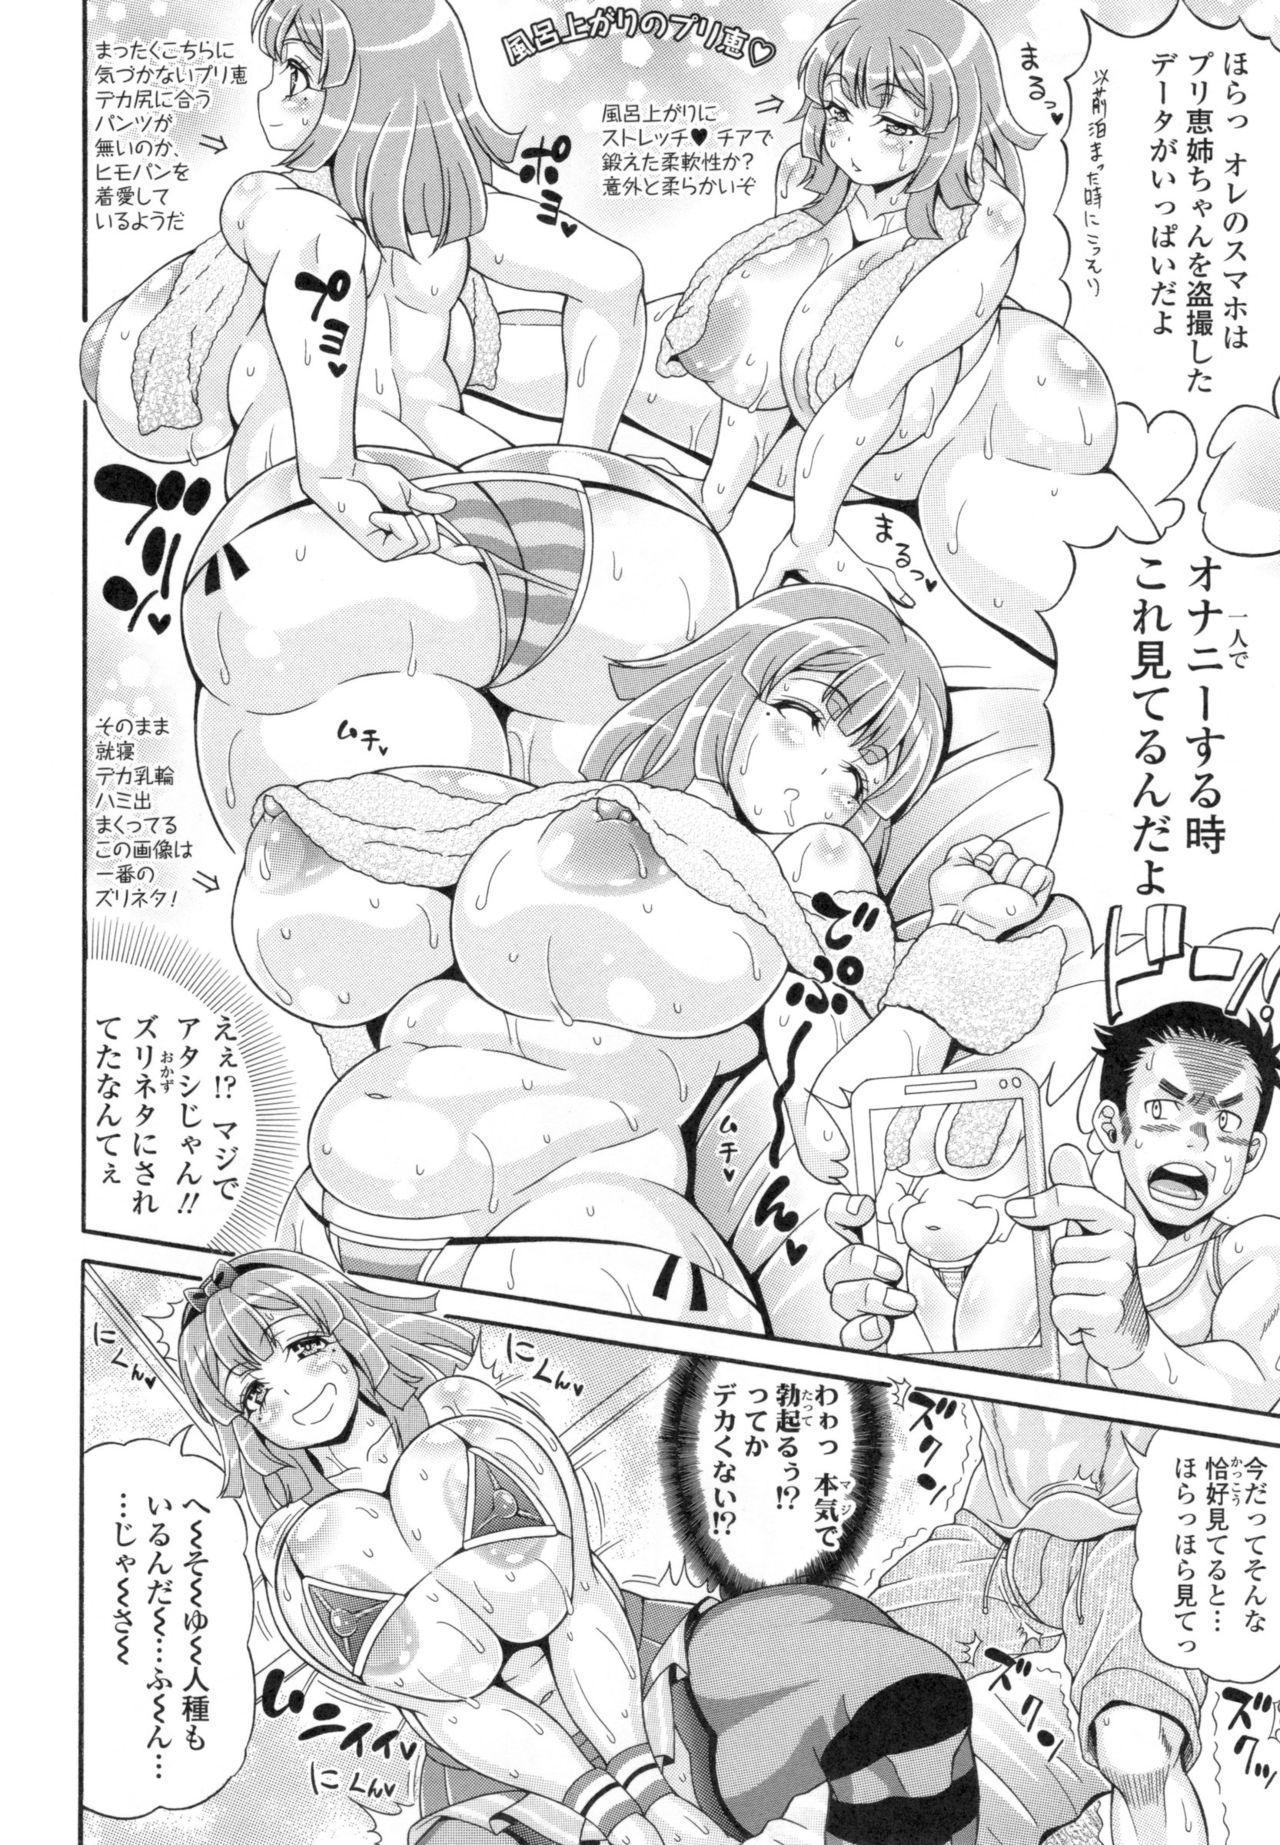 [Andou Hiroyuki] Pakopako Bitch ~Megamori! Mashimashi! Dosukebe Niku~ + Toranoana Leaflet 10